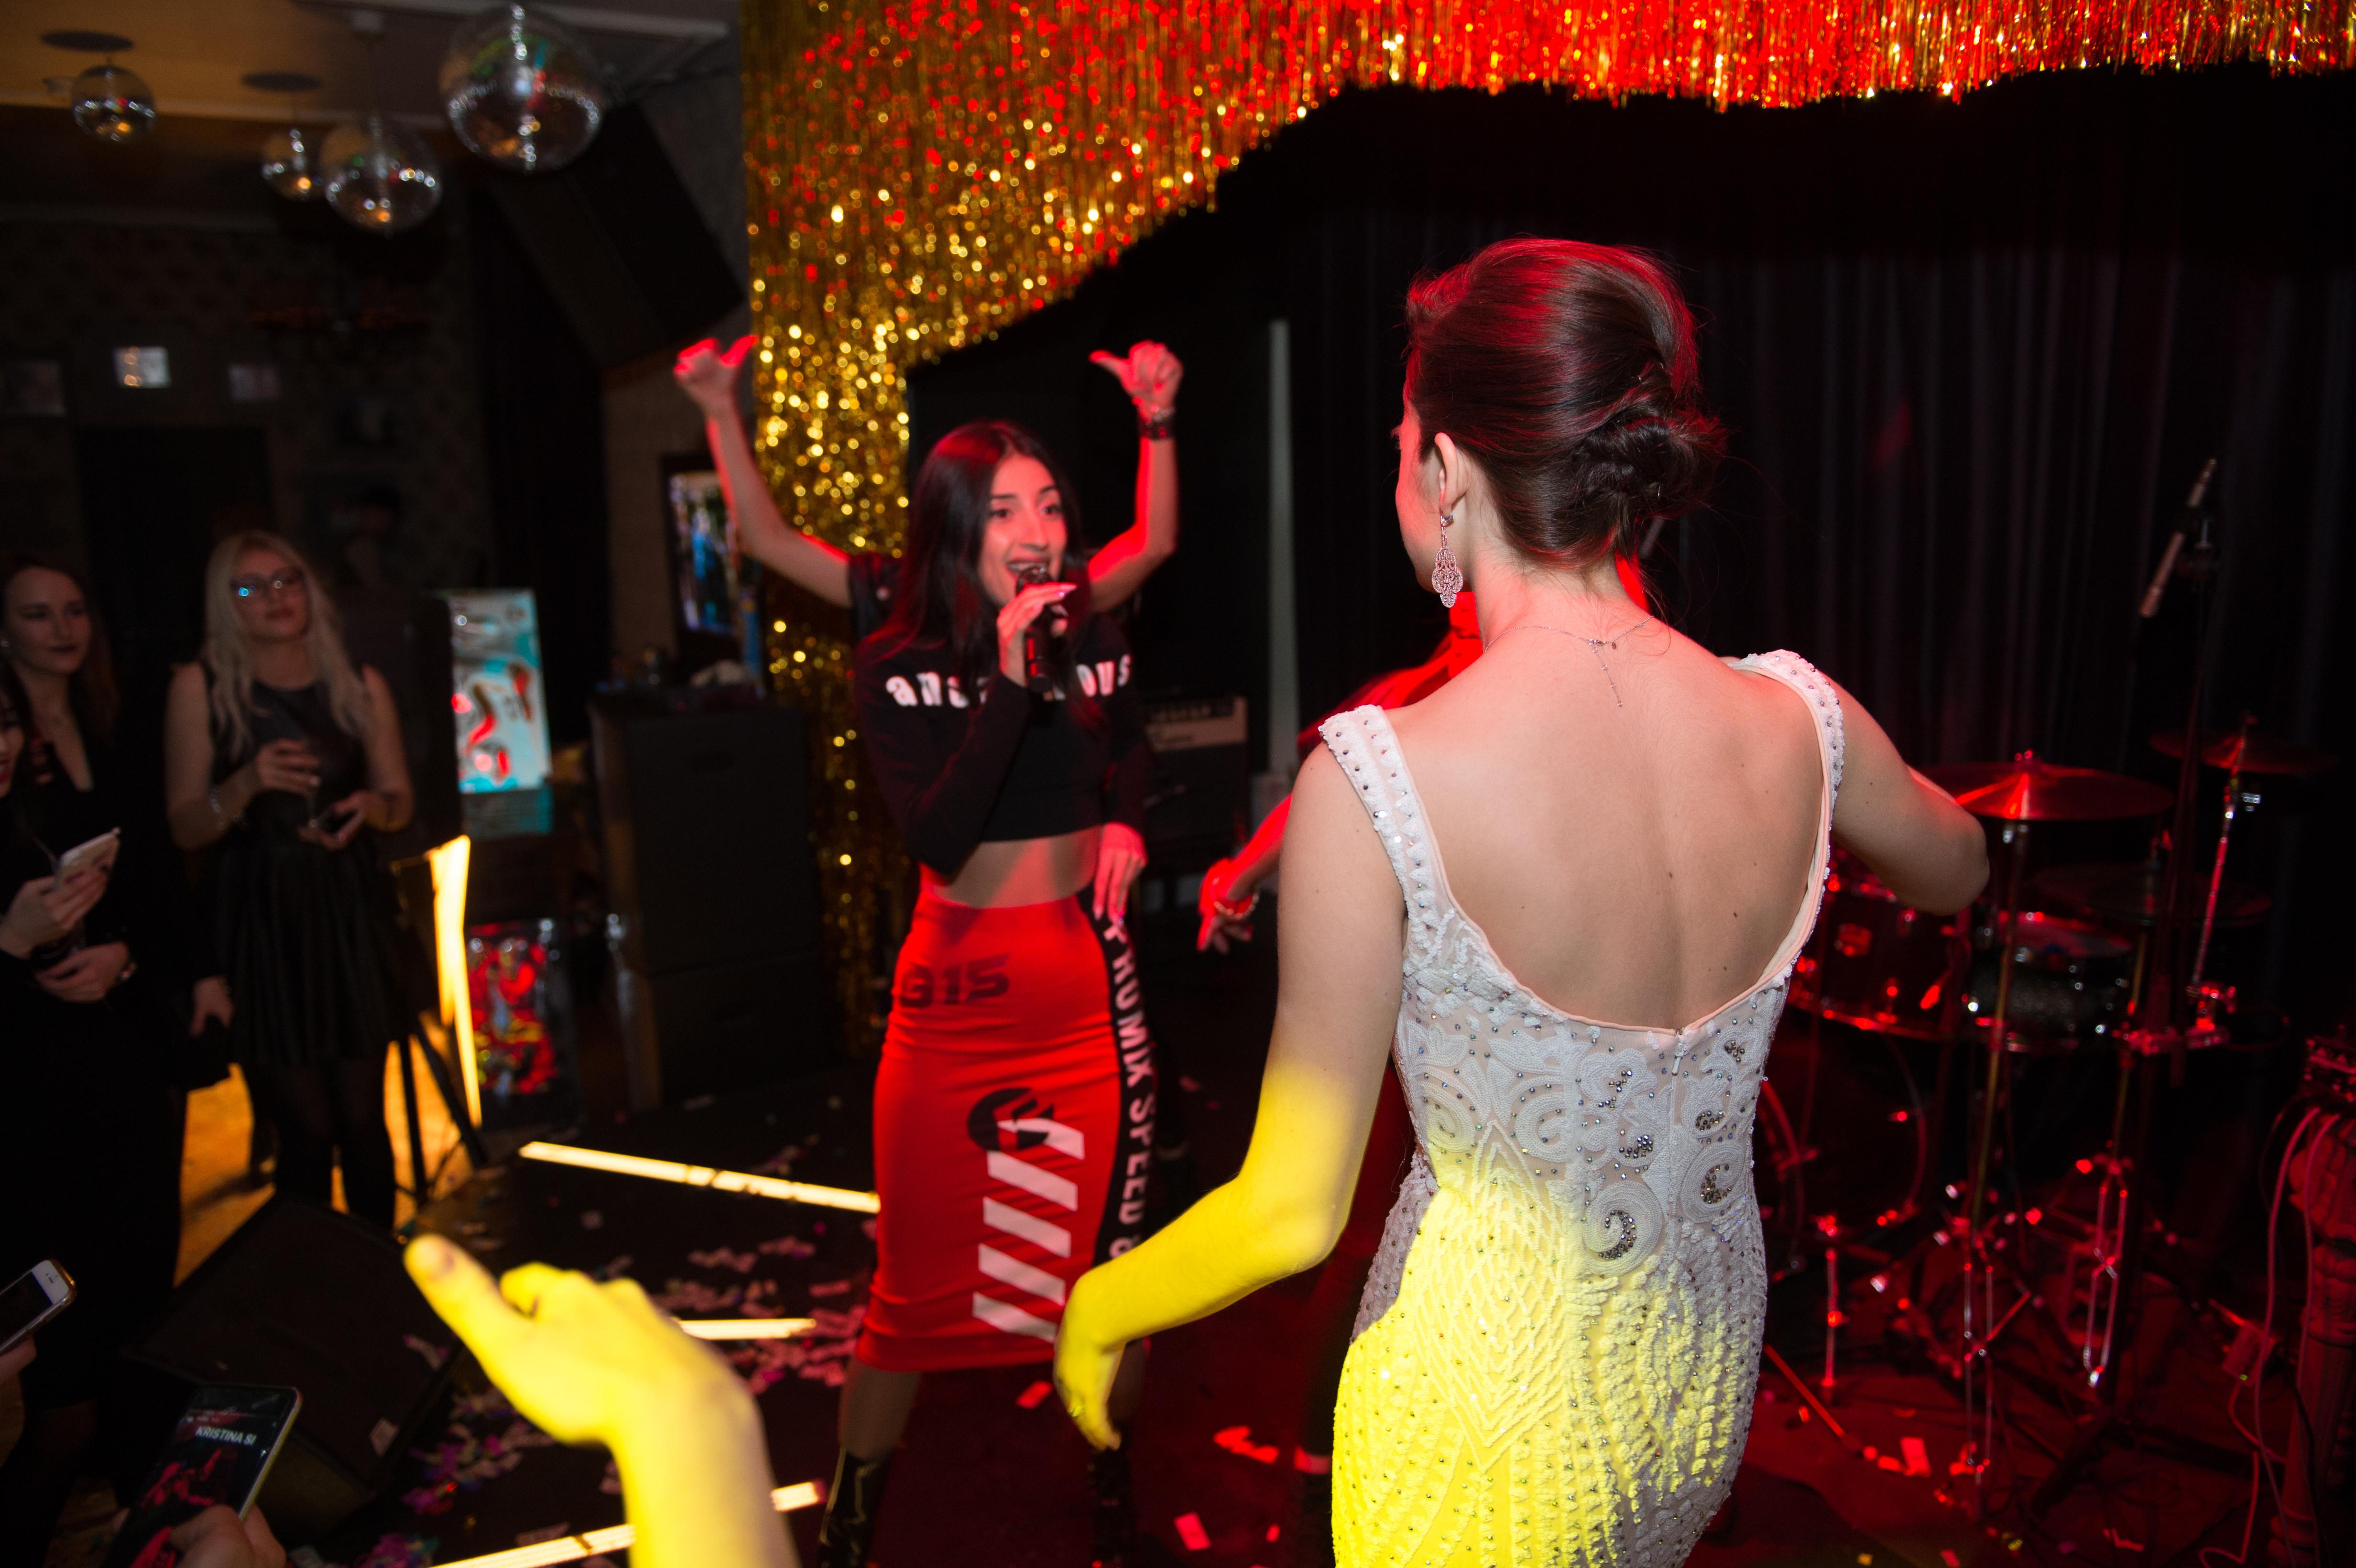 Kristina Si дала часовой концерт в честь дня рождения дочки певицы Славы Фото: LIFE